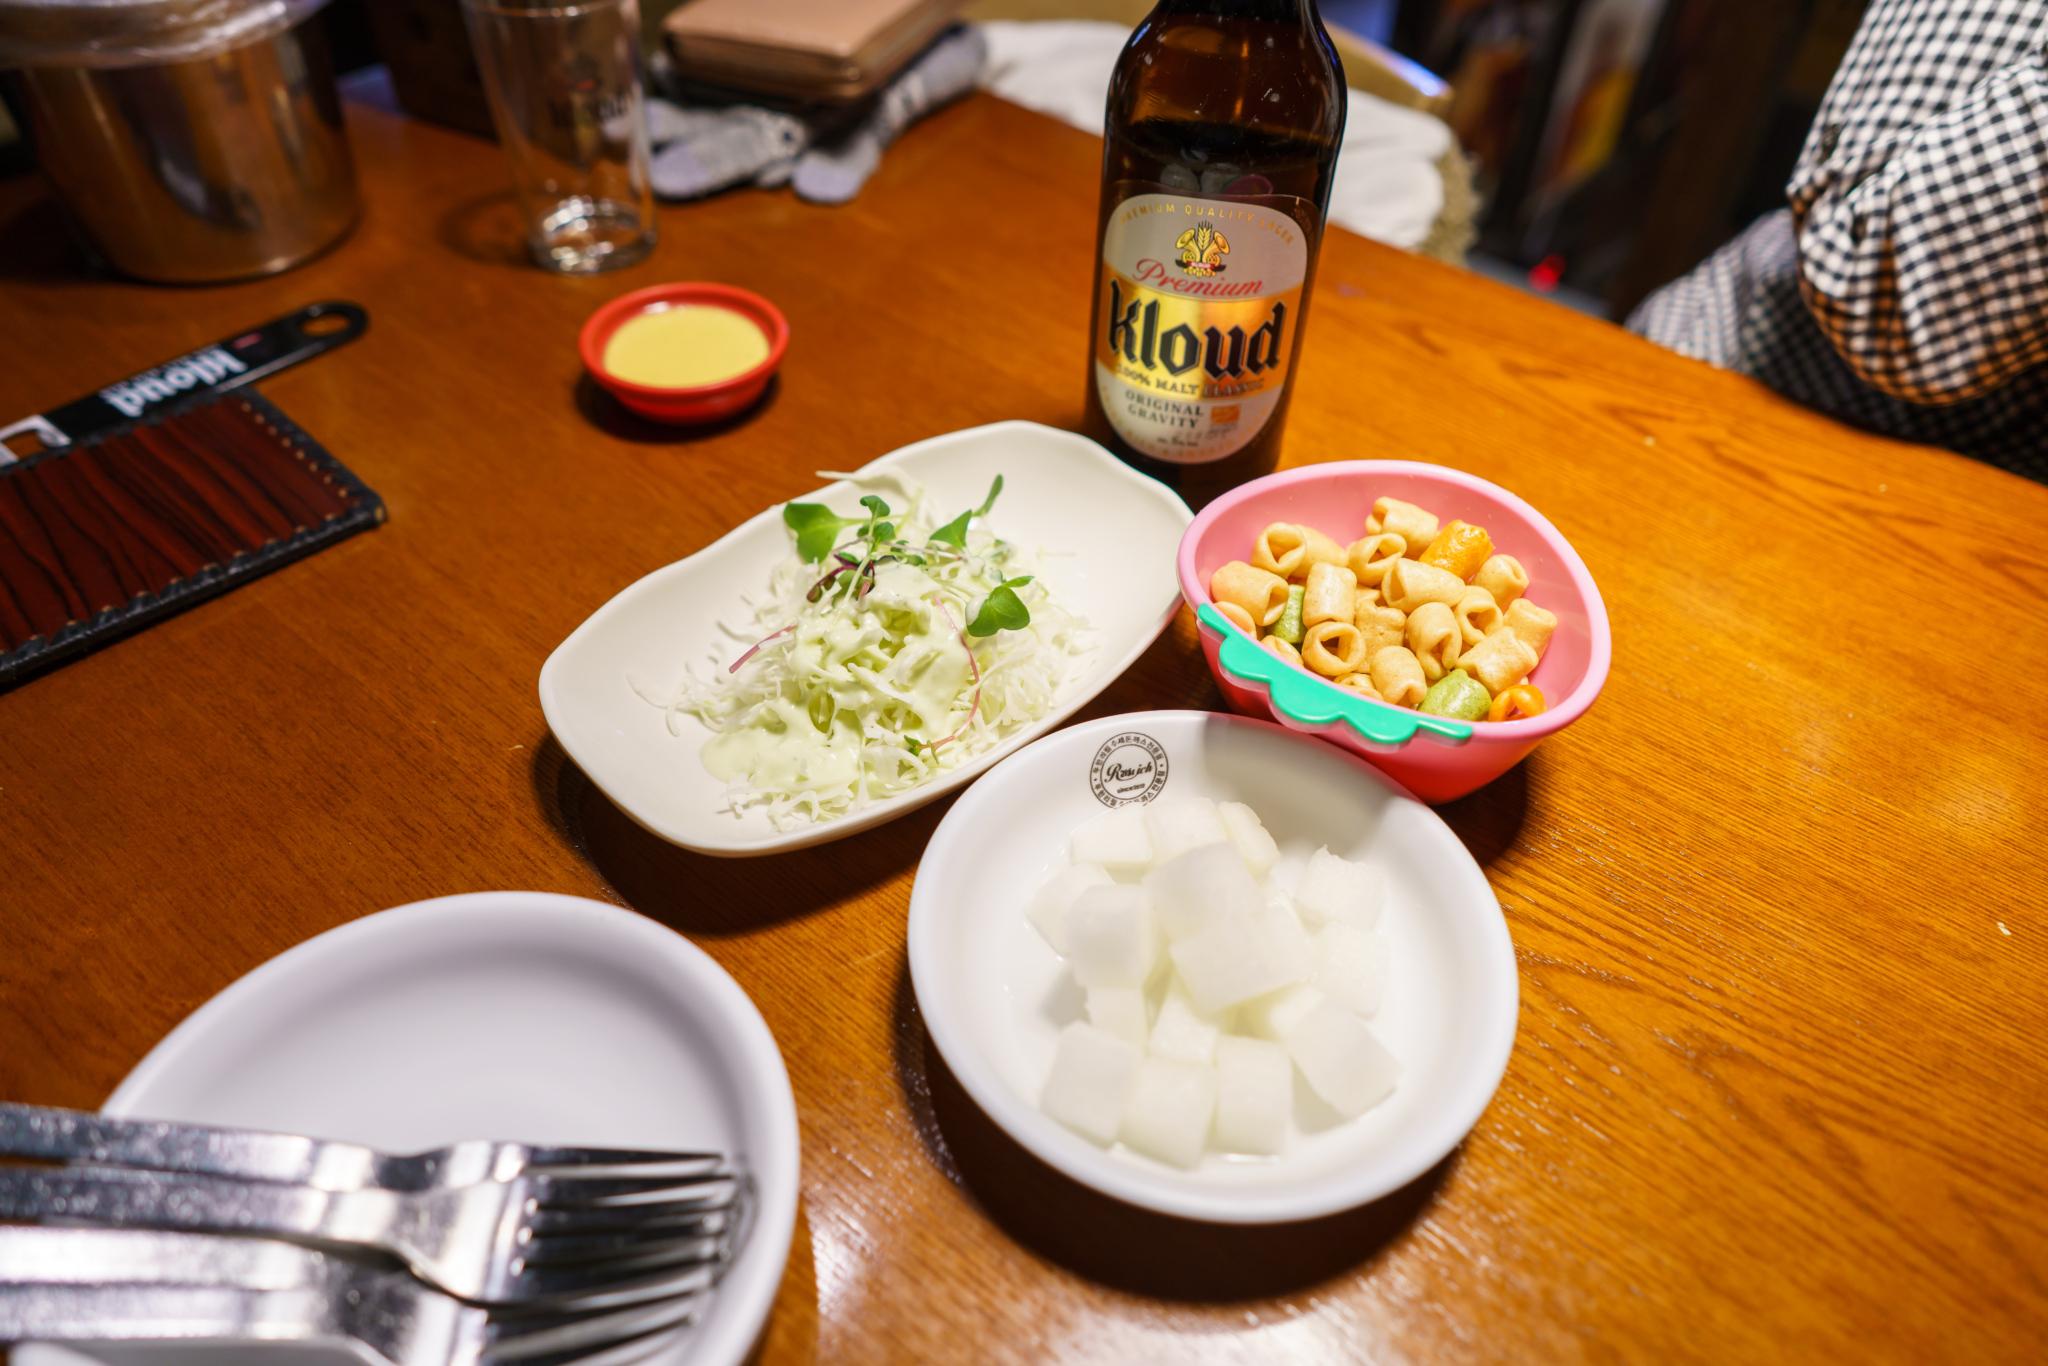 [首爾] 韓式炸雞配啤酒! bhc炸雞 vs 橋村炸雞 • 鍵盤美食家週記